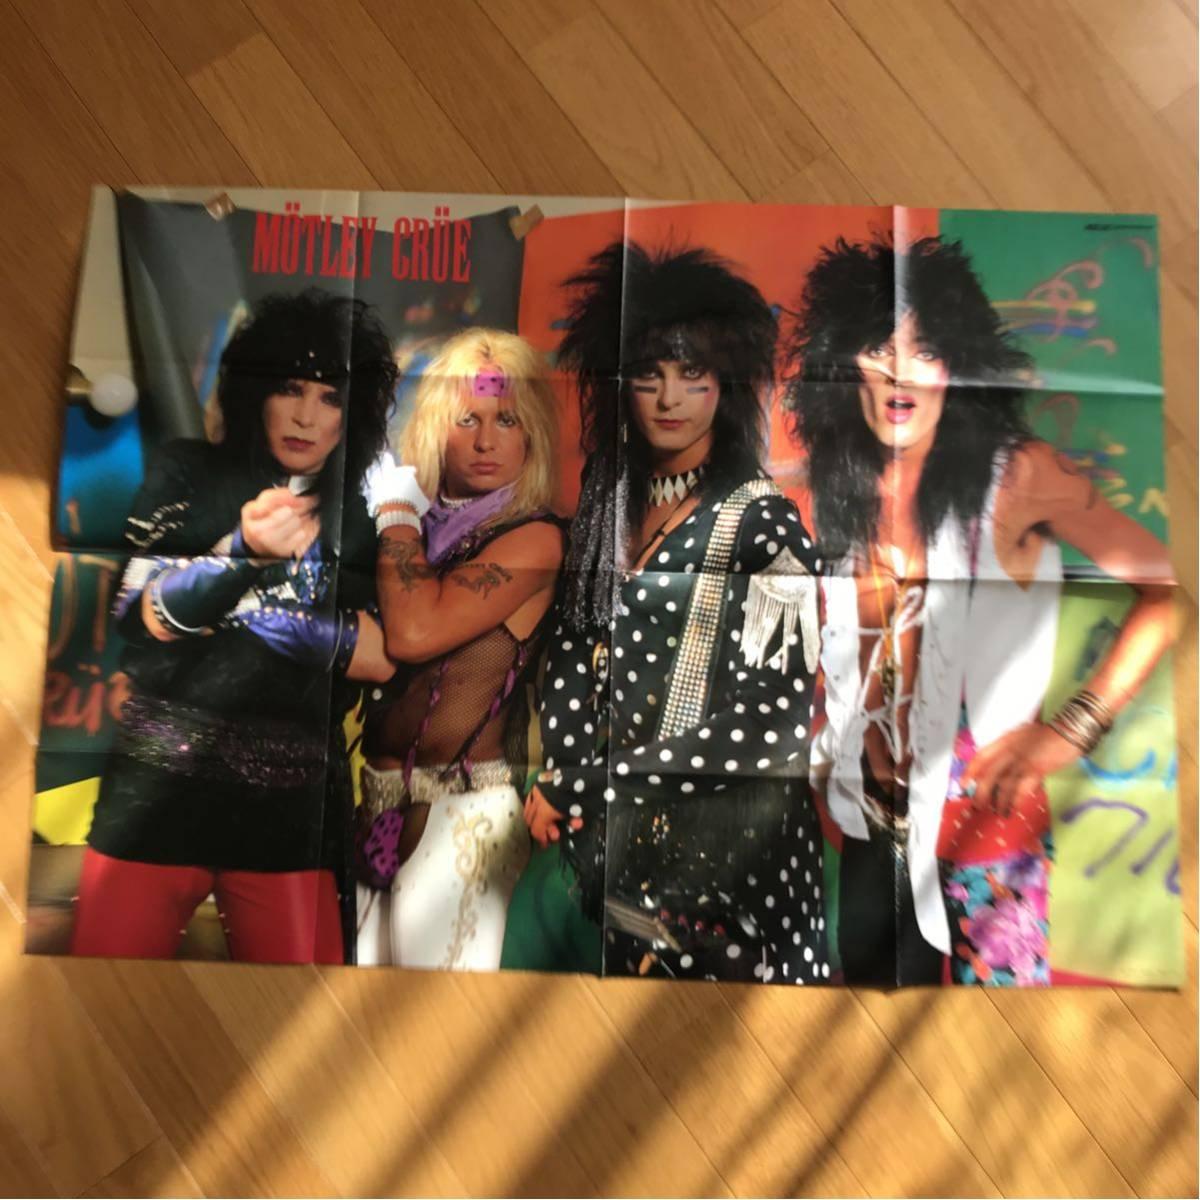 モトリー・クルー デュラン デュラン 折りたたみ ポスター ミュージックライフ付録1986年新年号 ニッキーシックス ビンスニール